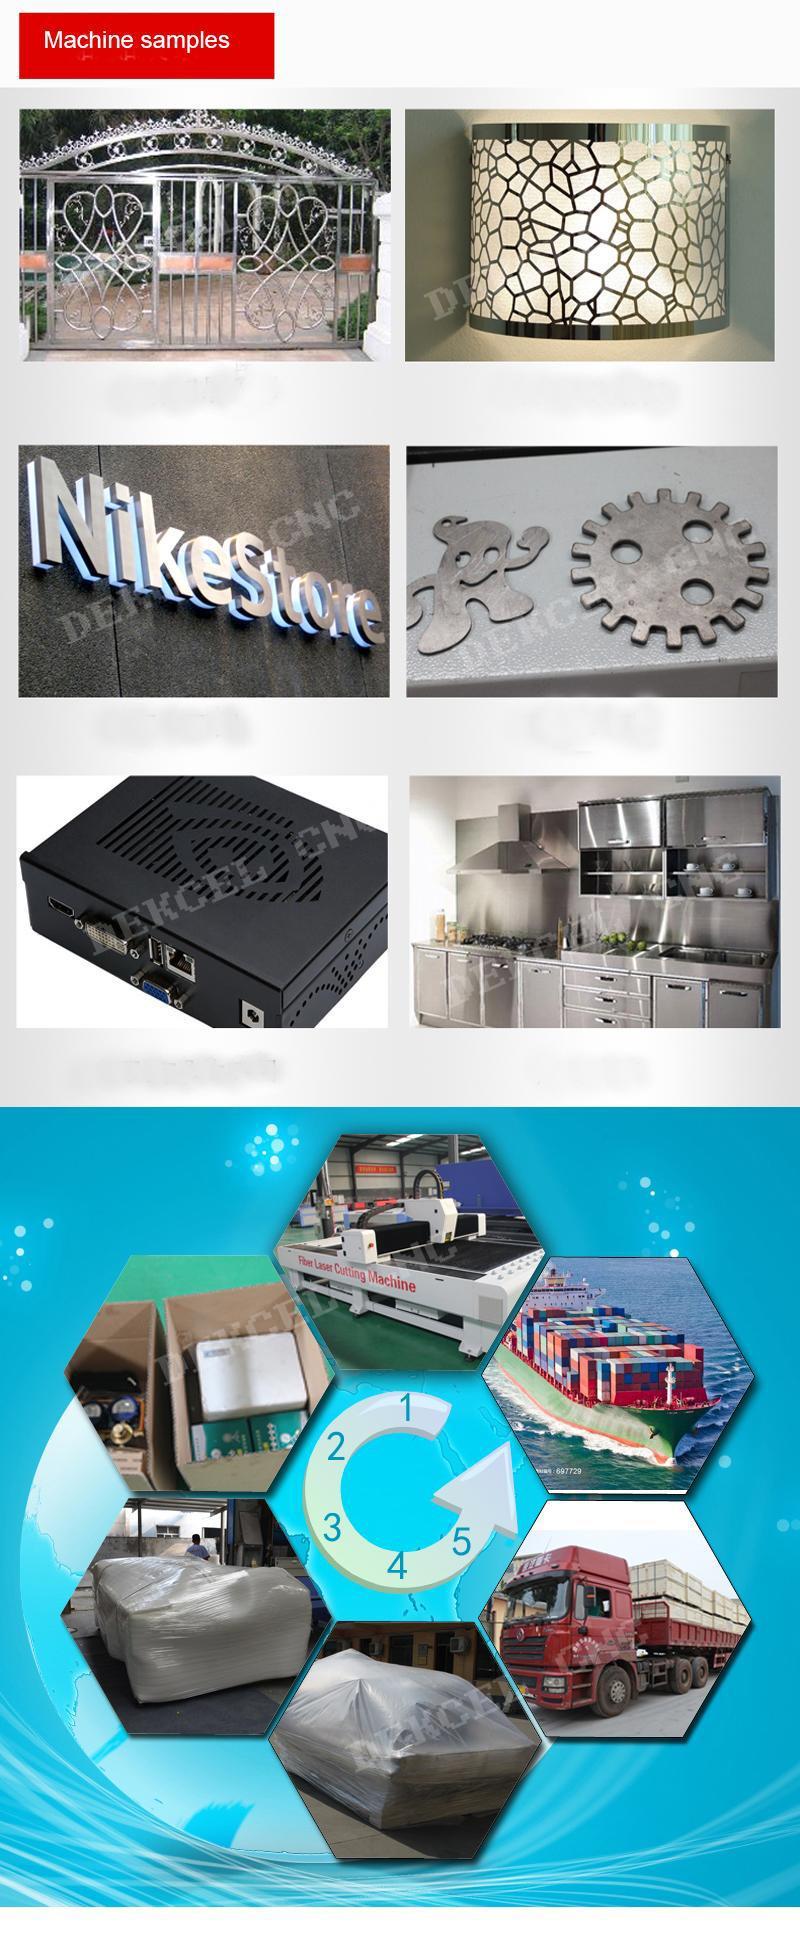 fiber laser cutting machine samples